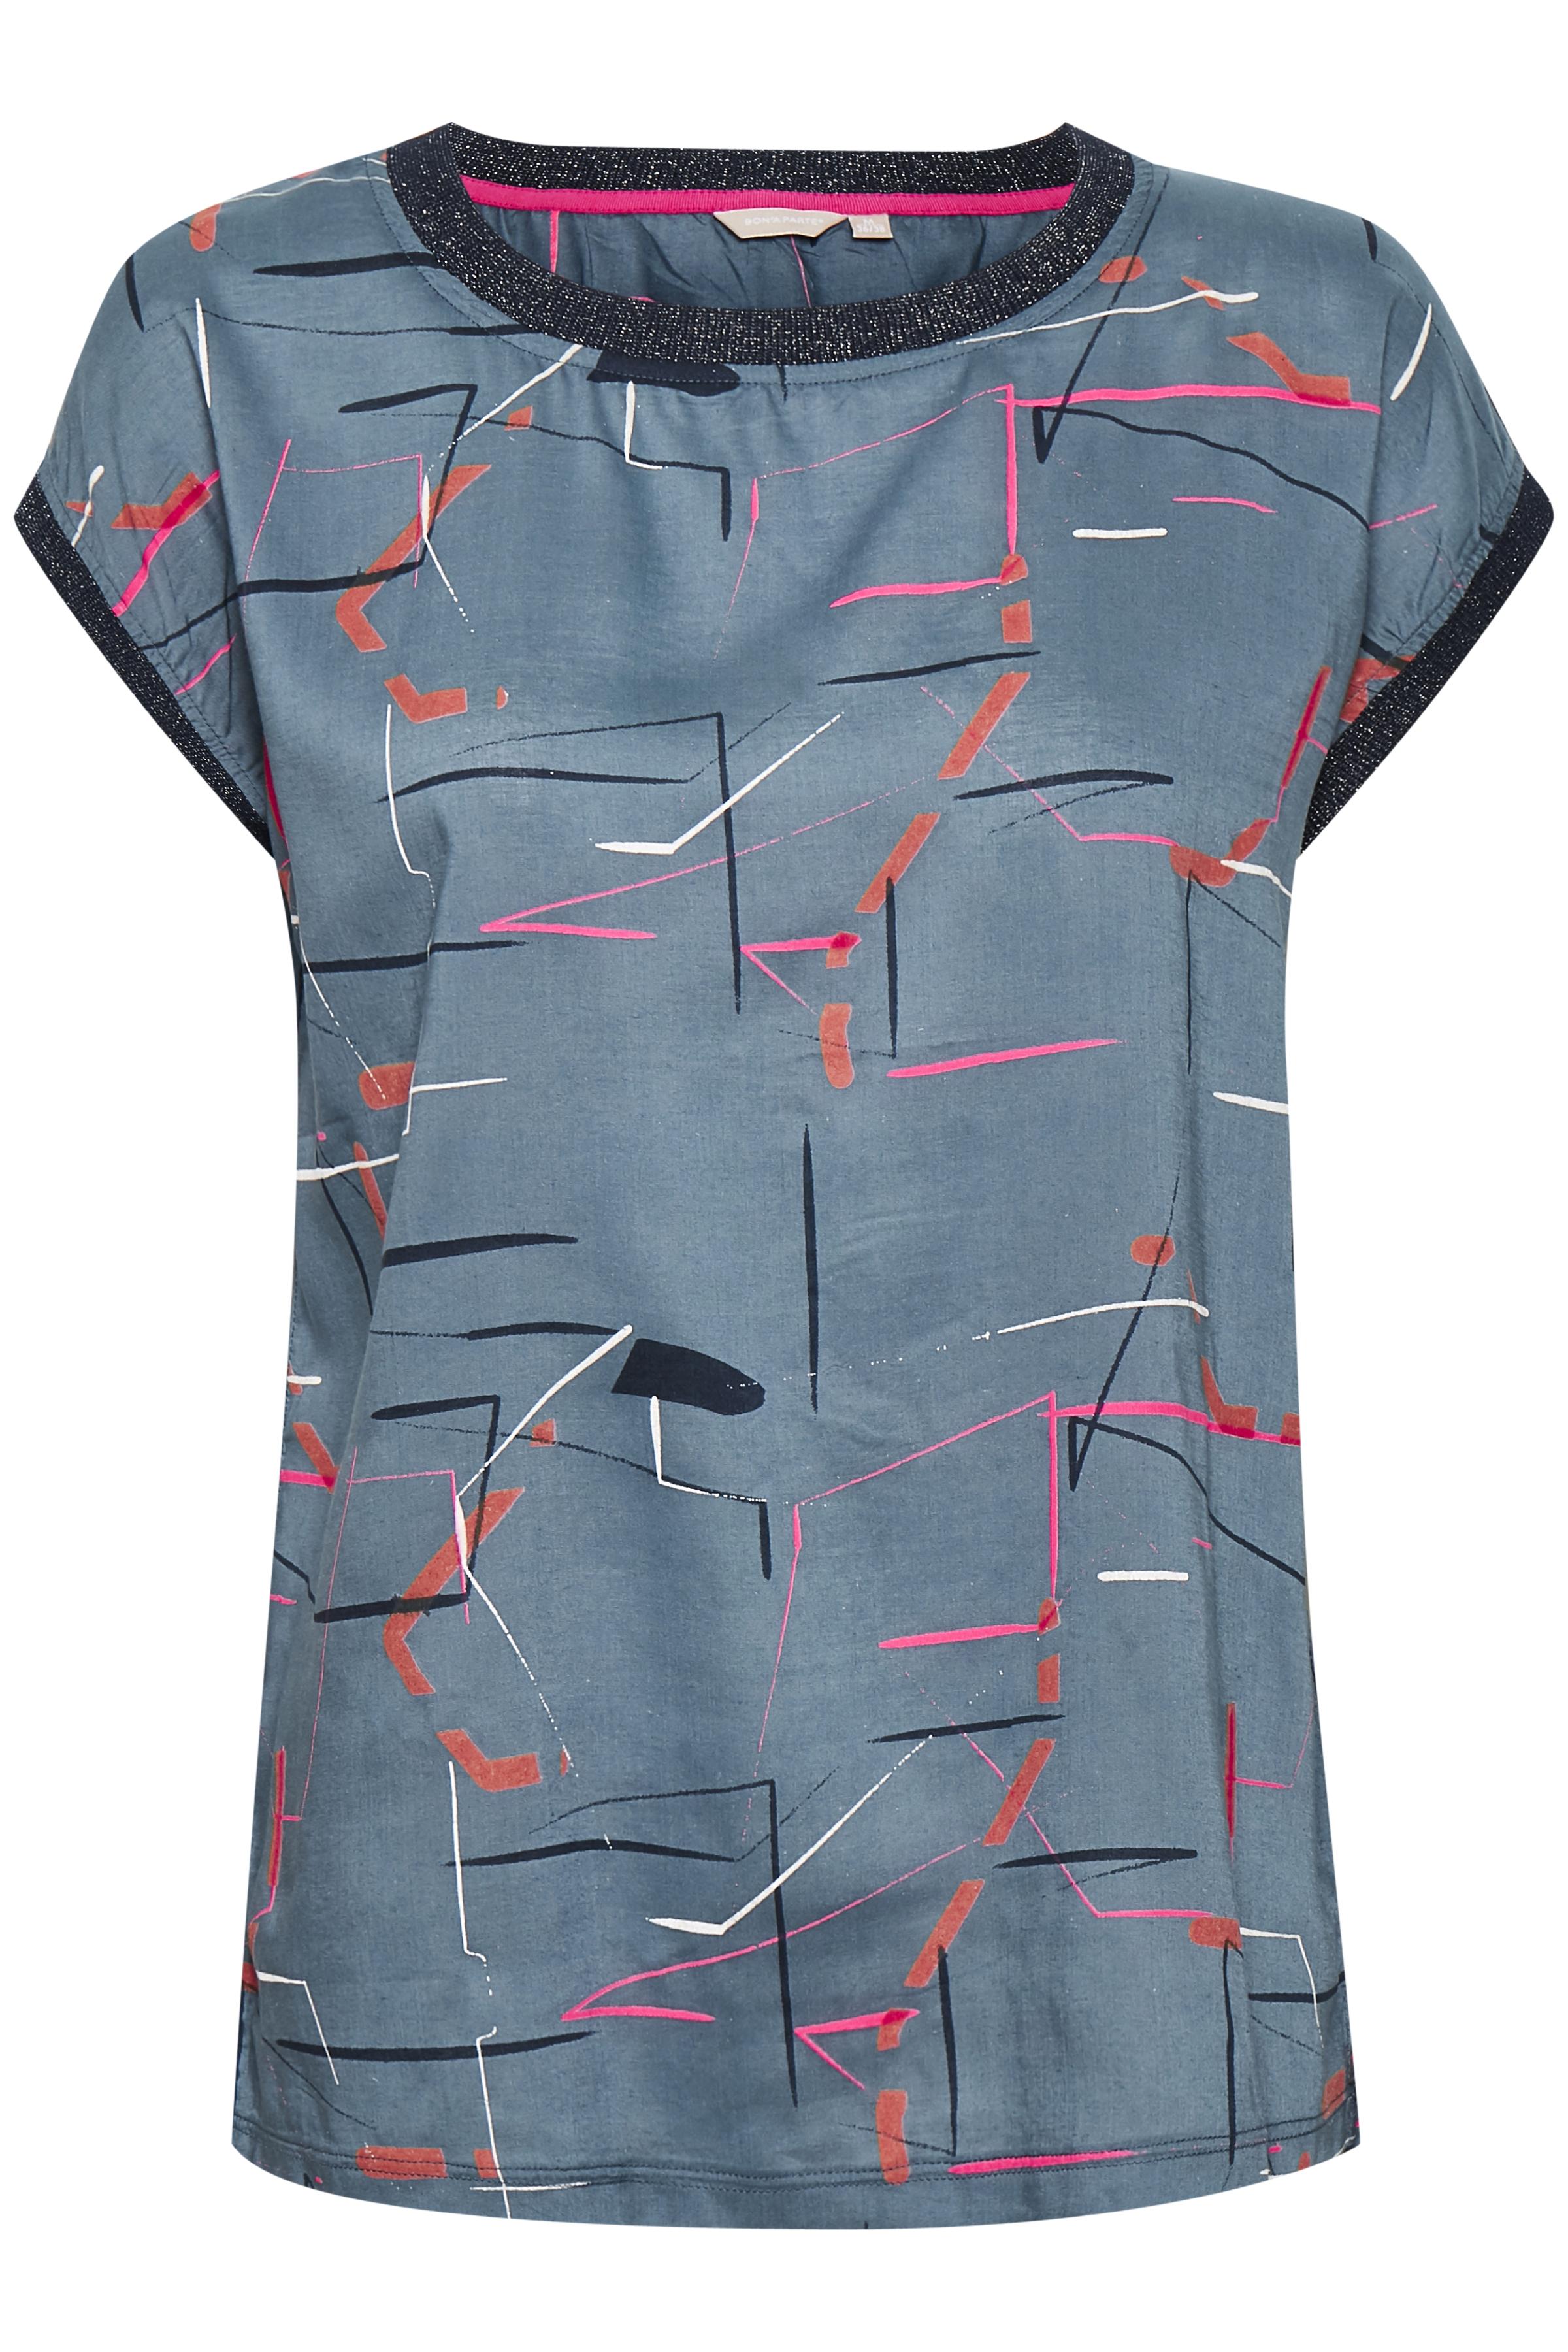 Støvet blå/pink Kortærmet bluse  fra Bon'A Parte – Køb Støvet blå/pink Kortærmet bluse  fra str. S-2XL her